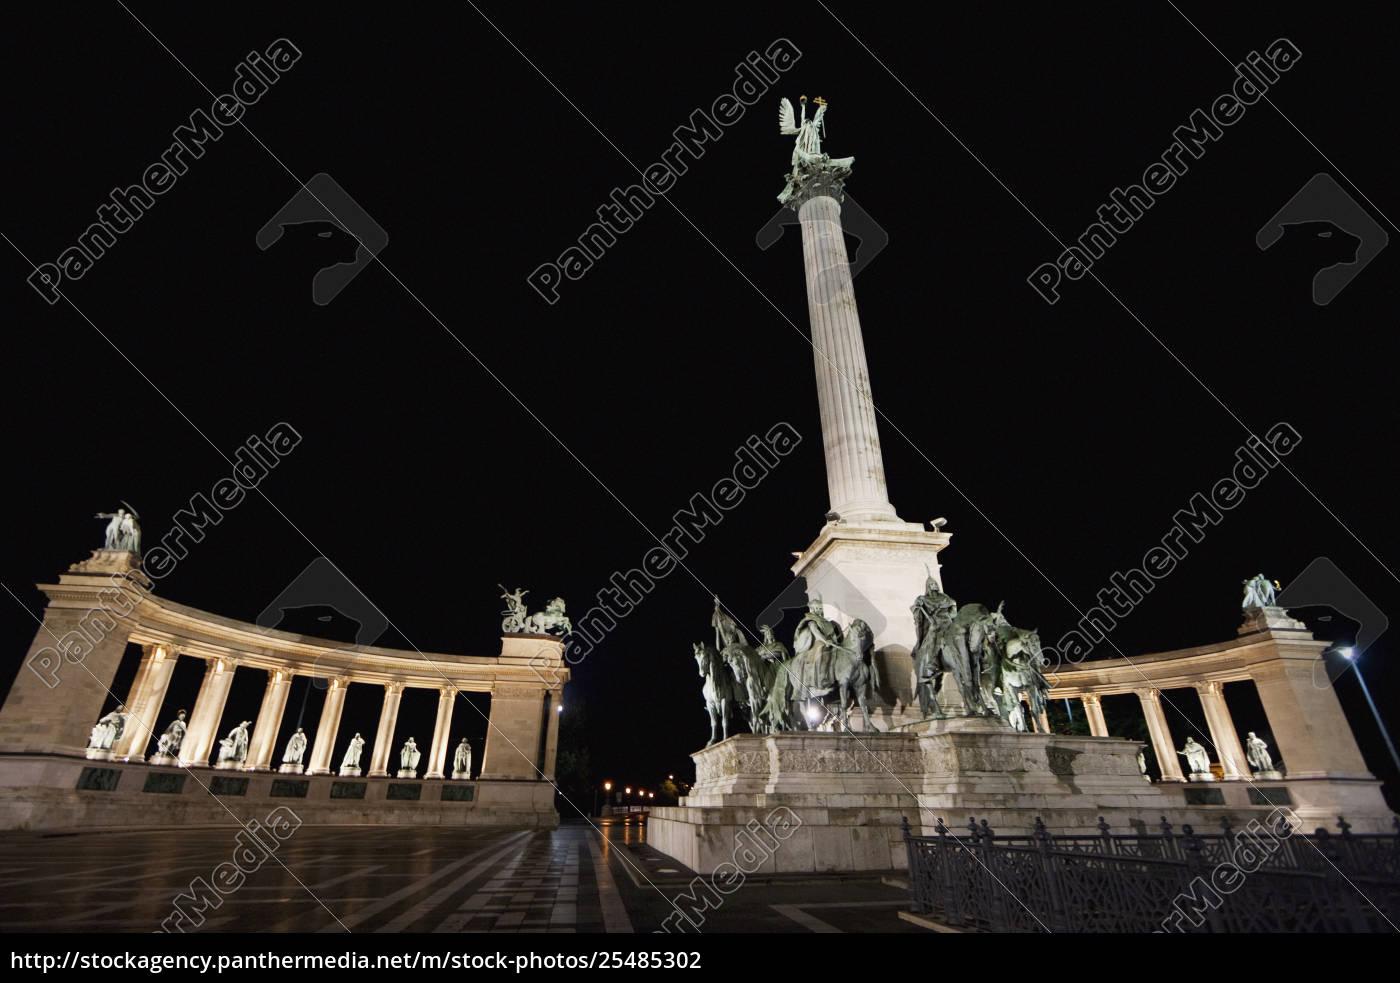 estátuas, de, reis, húngaros, no, quadrado - 25485302